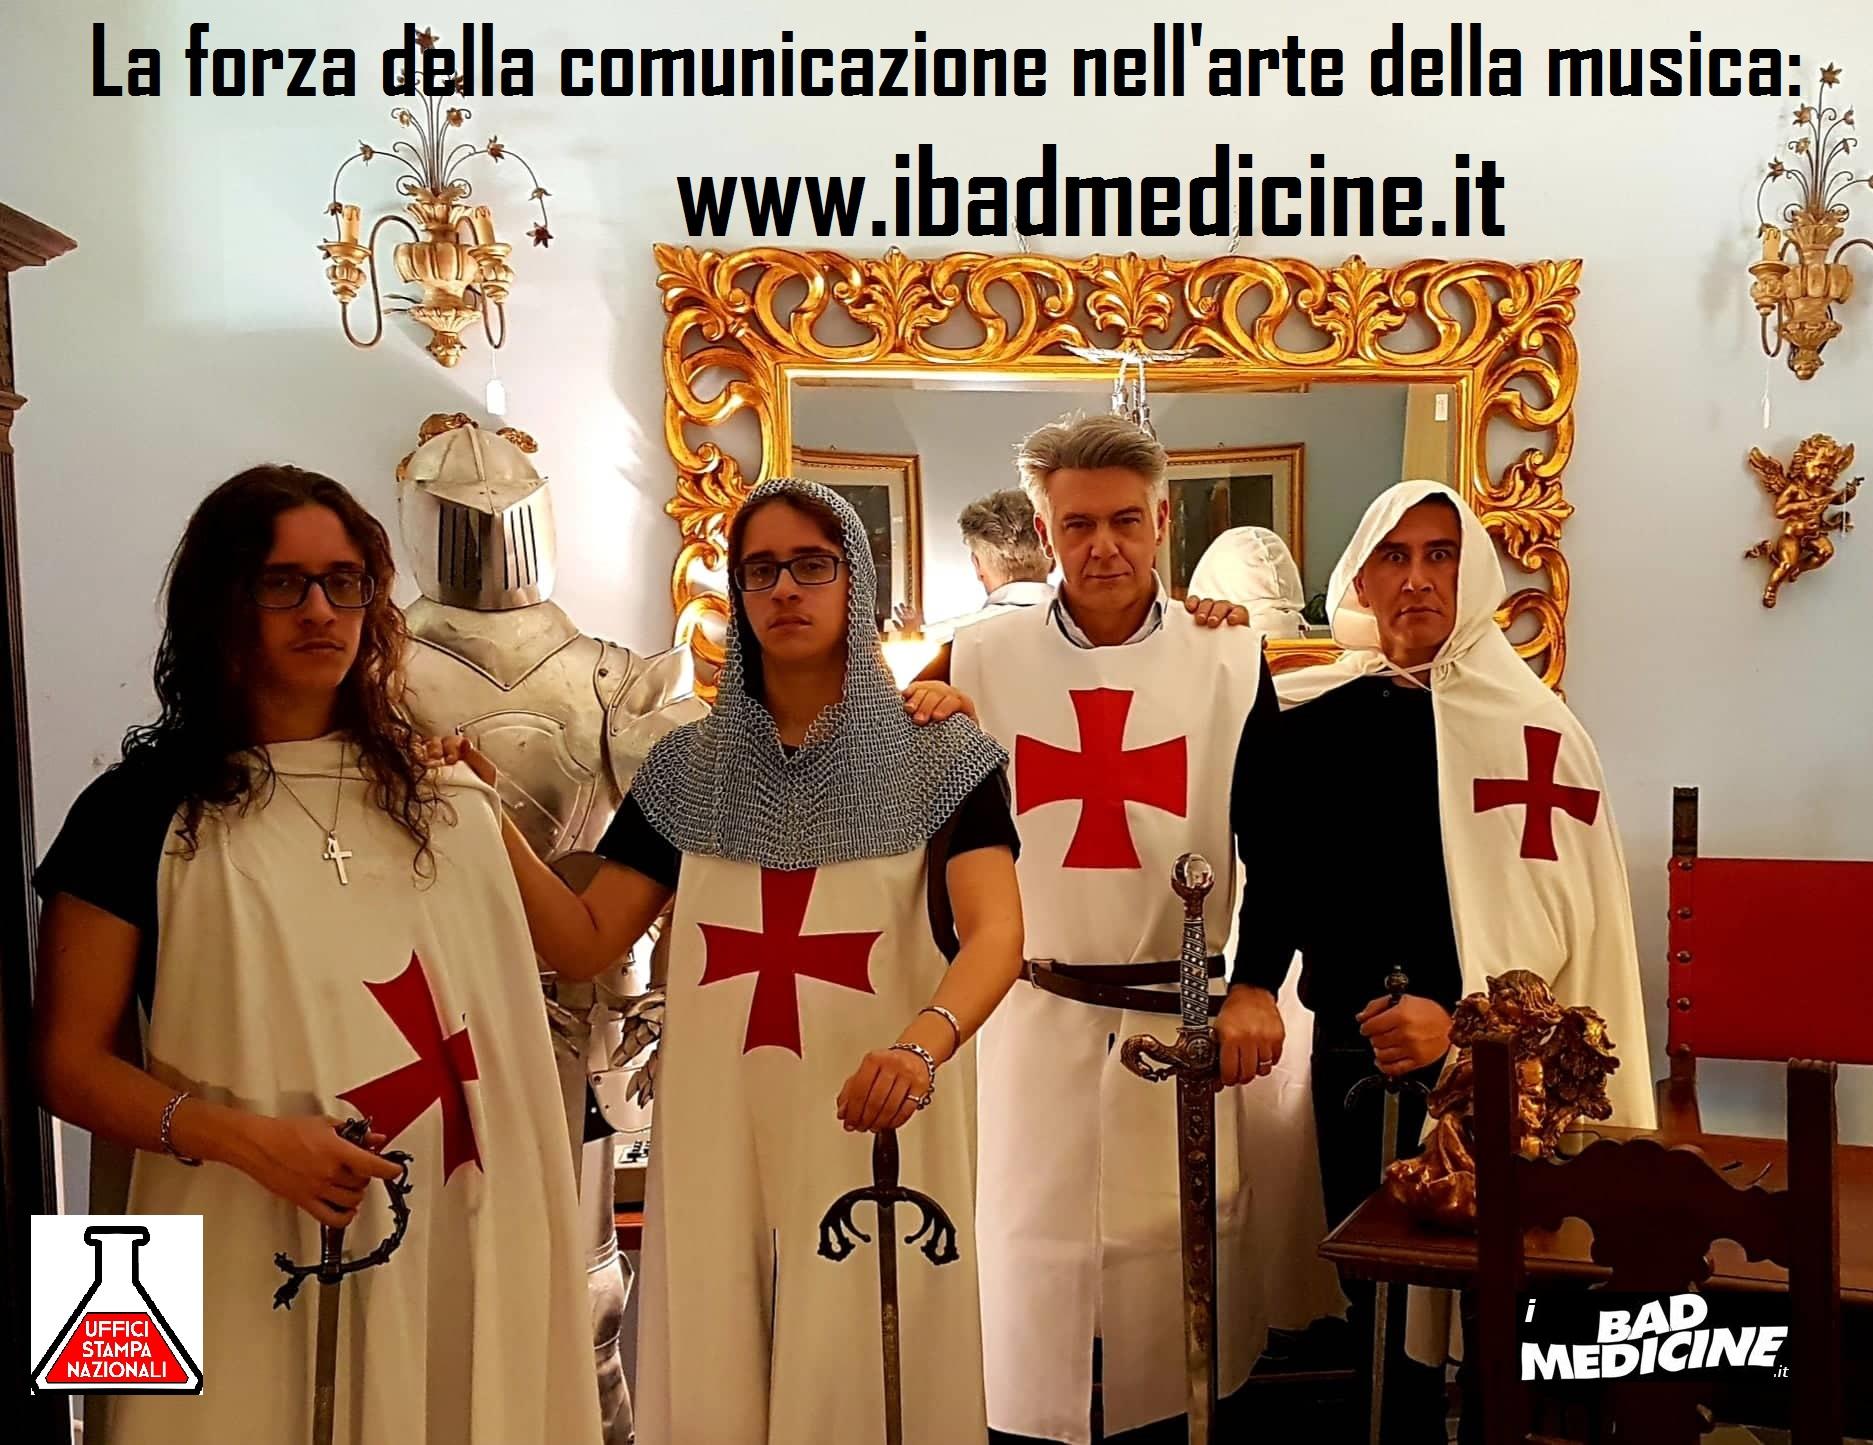 """Musica rock e comunicazione: i Bad Medicine verso Sanremo approdano sul web con il nuovo portale """"www.ibadmedicine.it"""""""